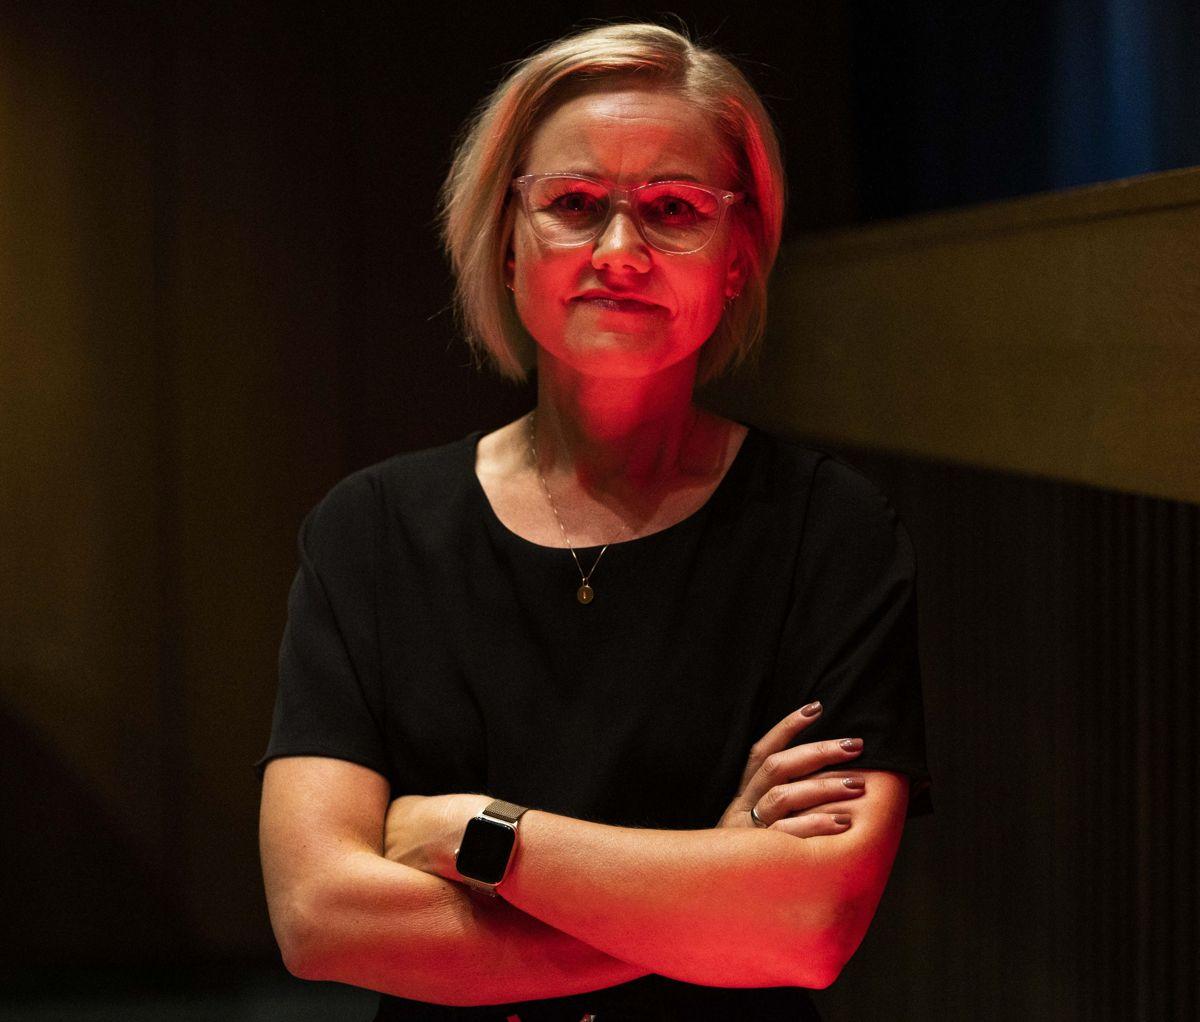 Ingvild Kjerkol var inntil nylig Arbeiderpartiets helsepolitiske talsperson. Nå er hun favoritt til å bli helseminister i regjeringen til påtroppende statsminister Jonas Gahr Støre.